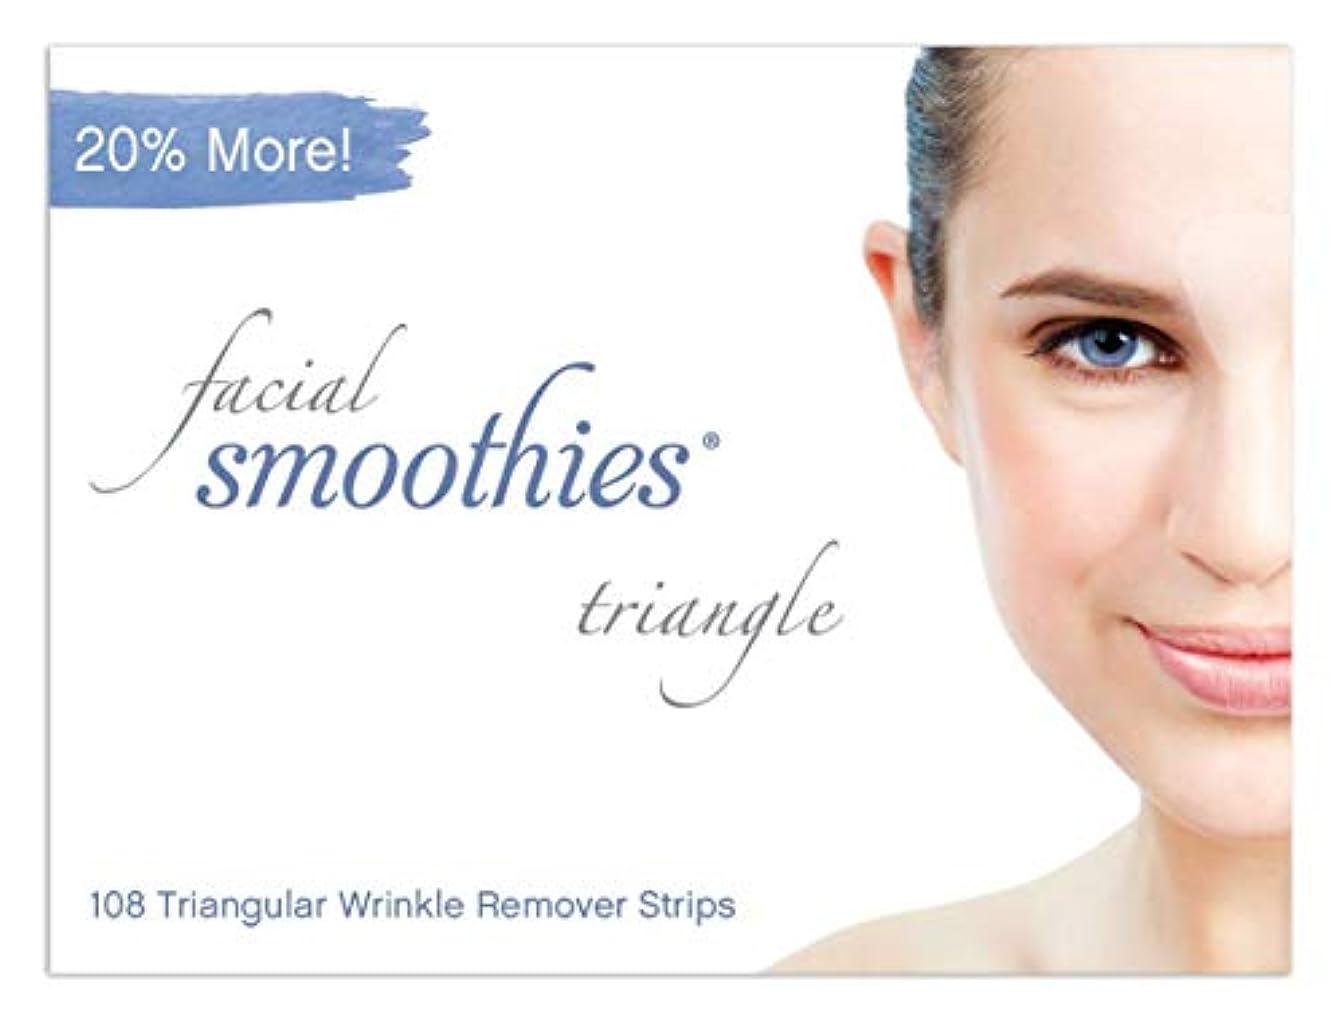 開業医忌み嫌う耳Facial Smoothies 三角形 シワ対策 テープ/シワ対策 パッチ